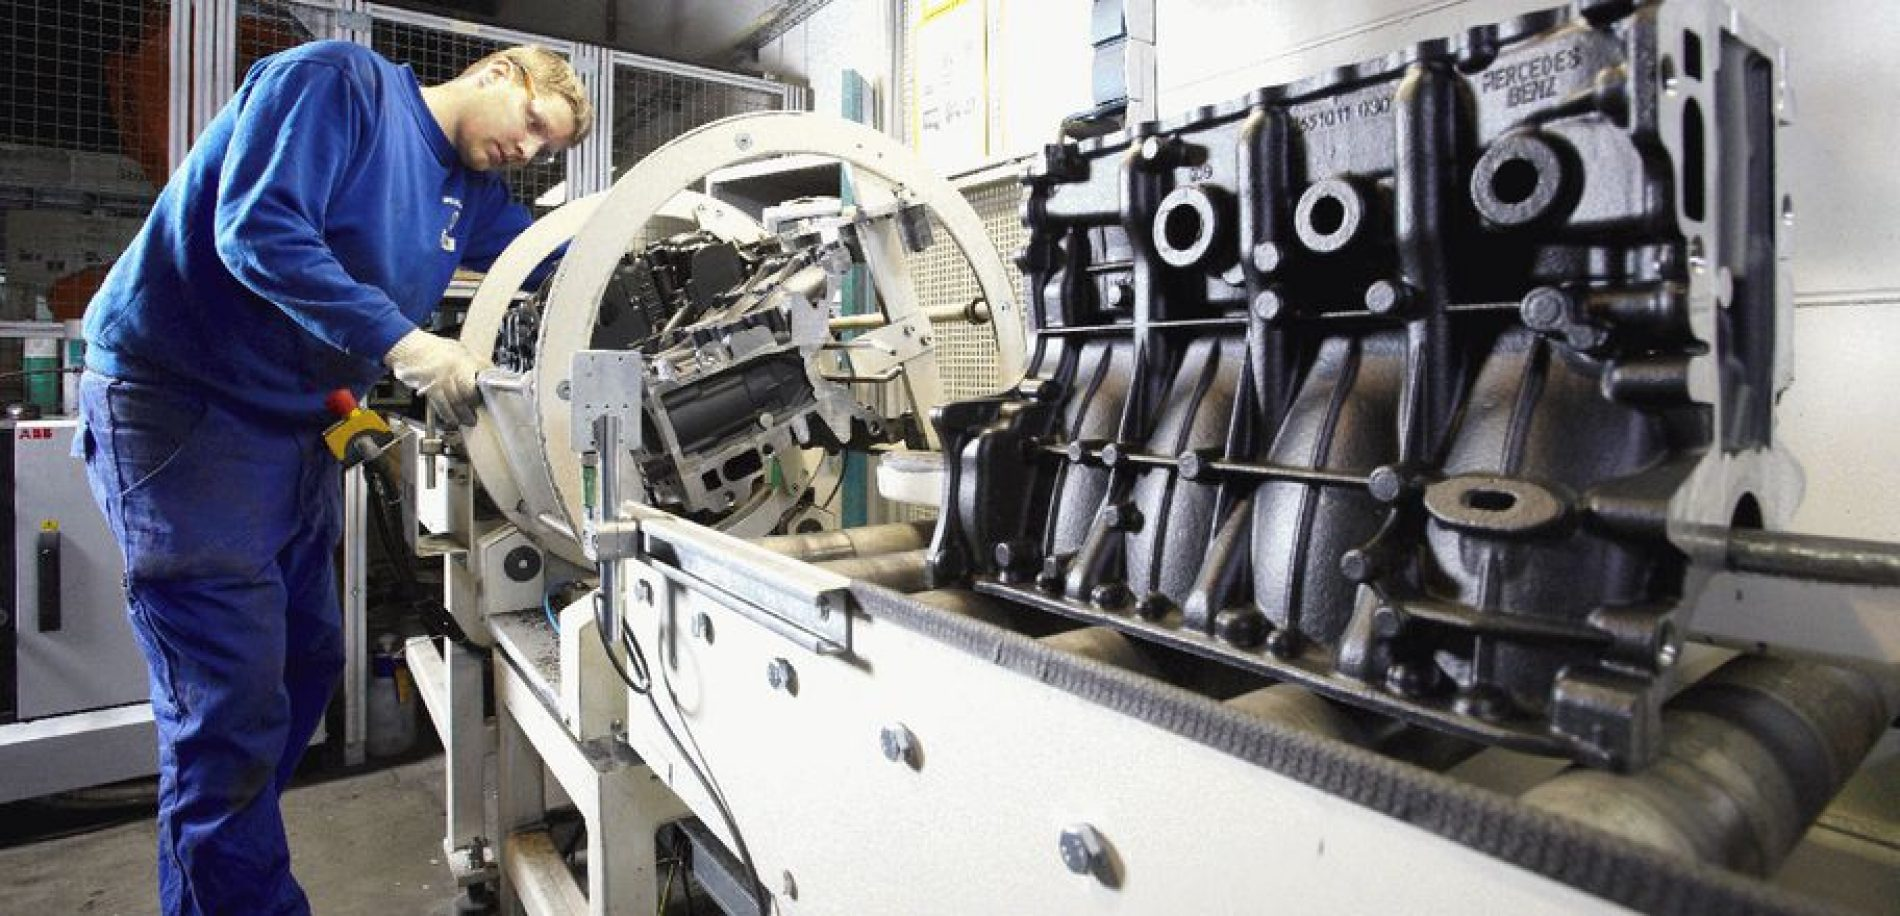 Njemačka: Bosanac kupio velikog proizvođača dijelova